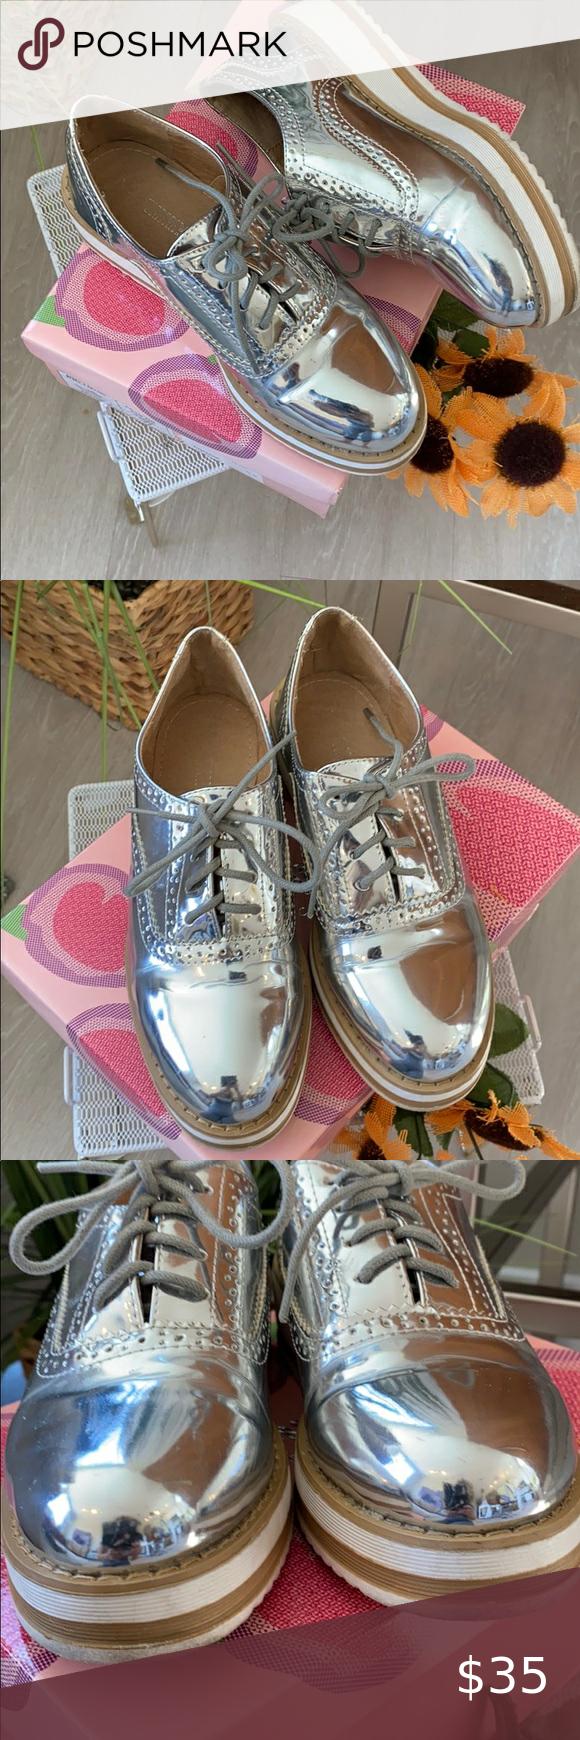 Platform sneakers, Unique shoes